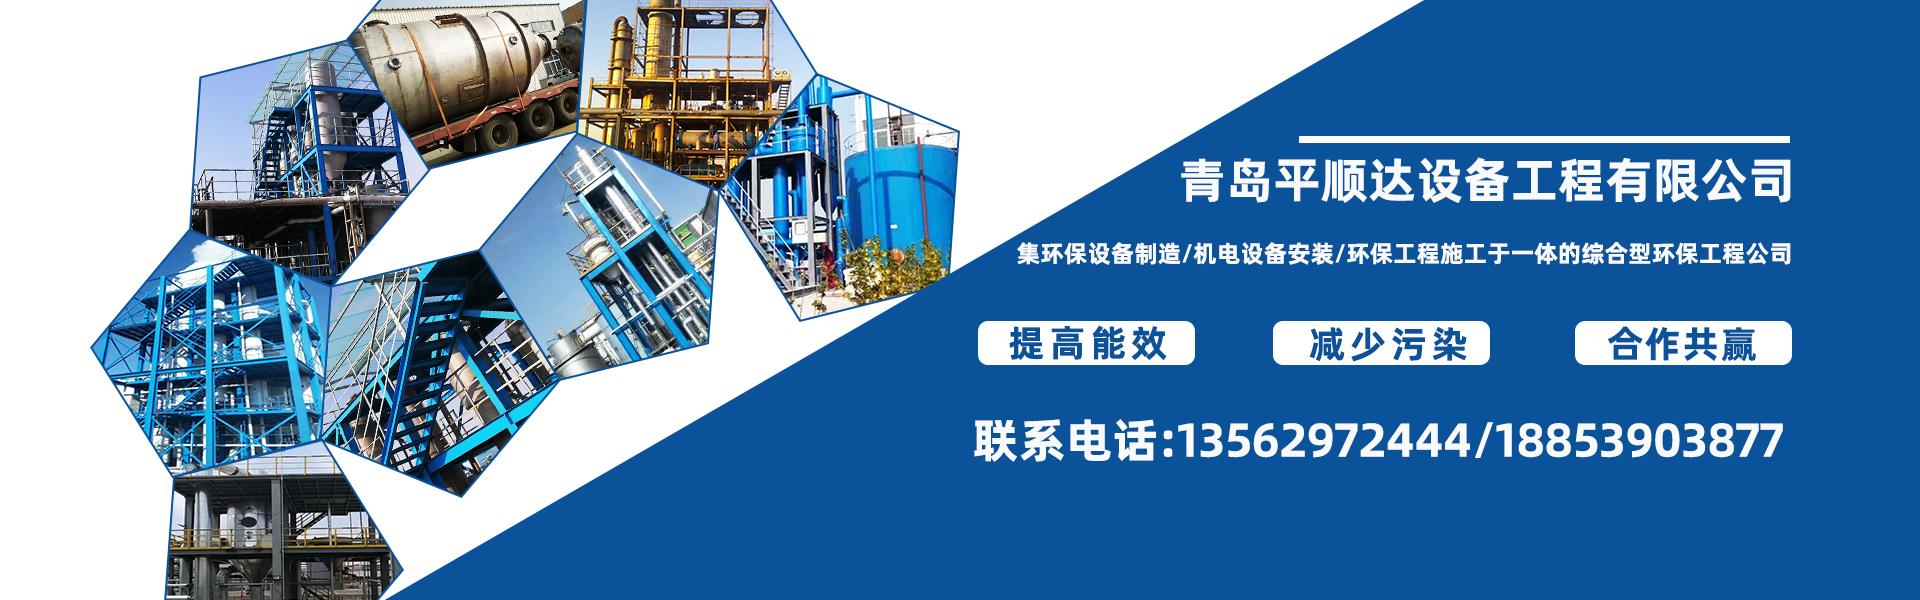 工业脱硫脱硝,污水处理设备直销,烟气除尘设备厂家,环保机械设备安装